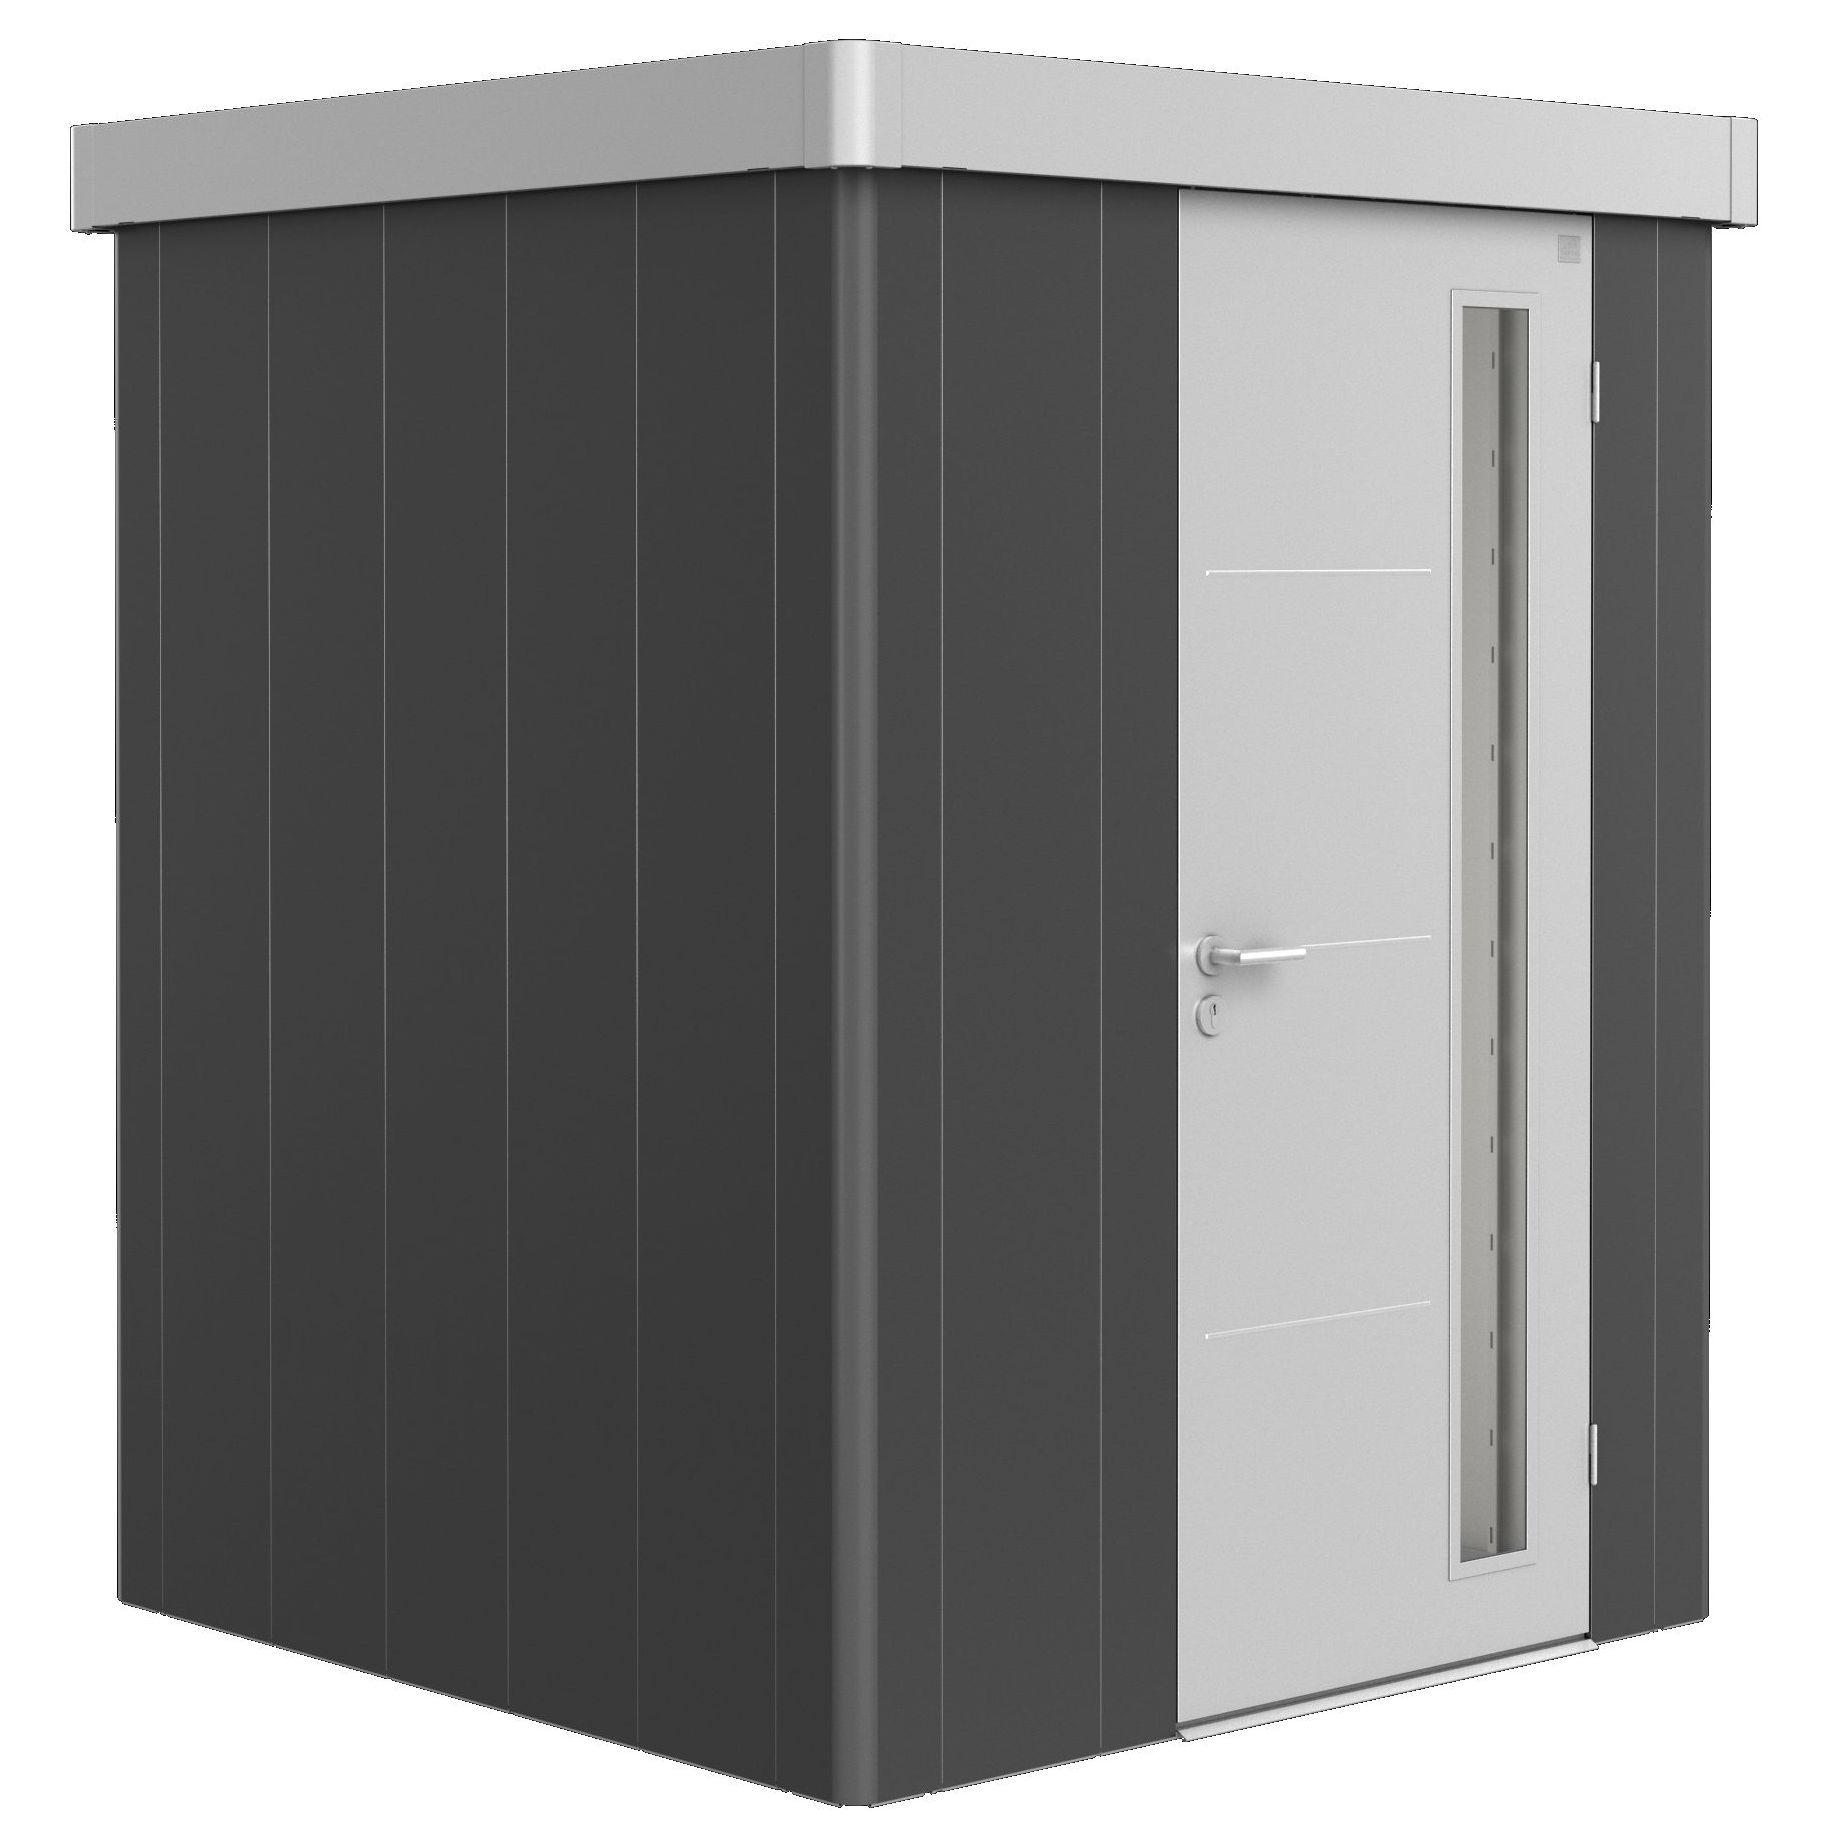 Biohort Zahradní domek NEO 1A, varianta 3.1 tmavě šedá metalíza